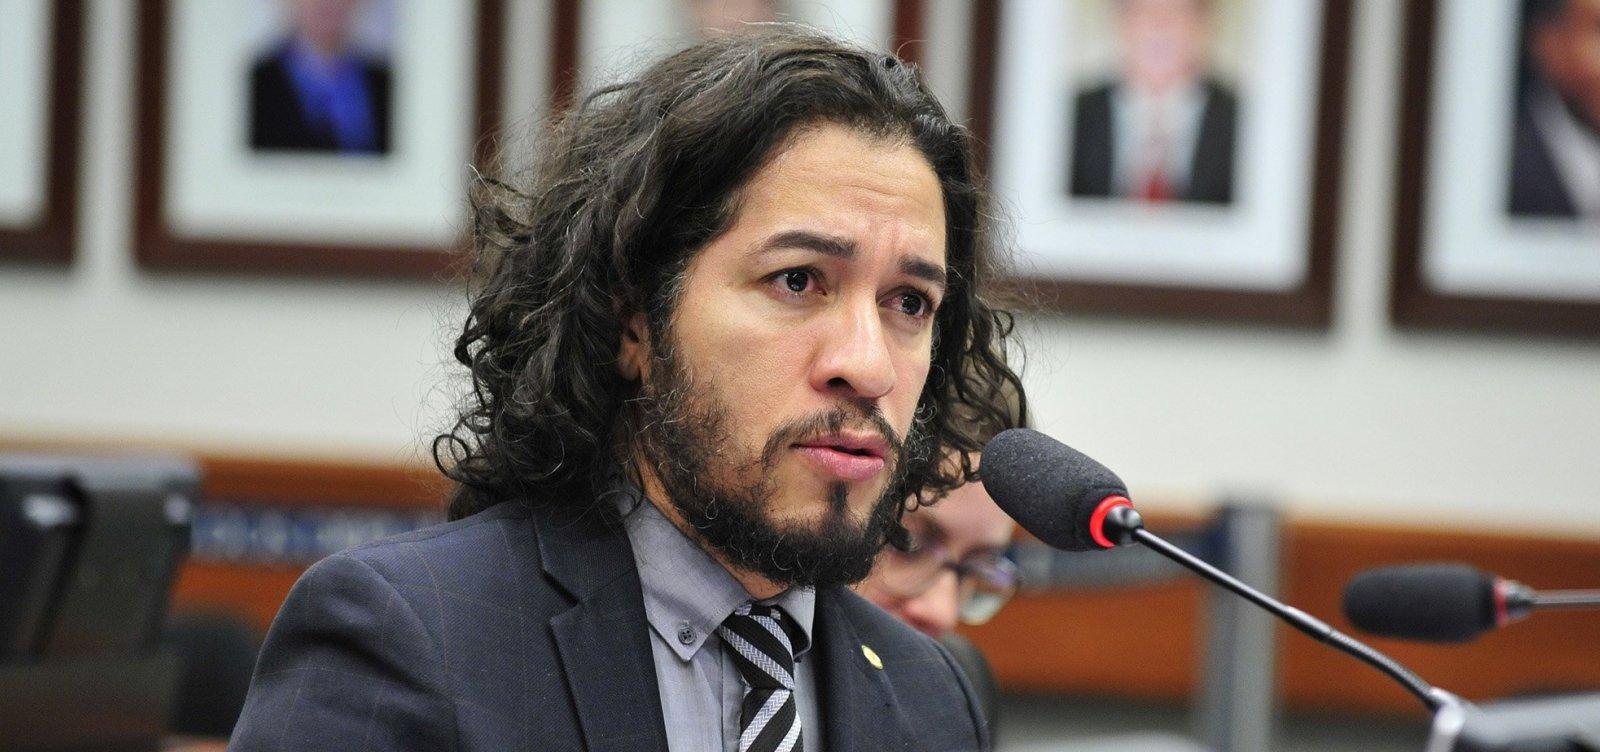 Jean Wyllys diz acreditar em 'milagre' contra Bolsonaro